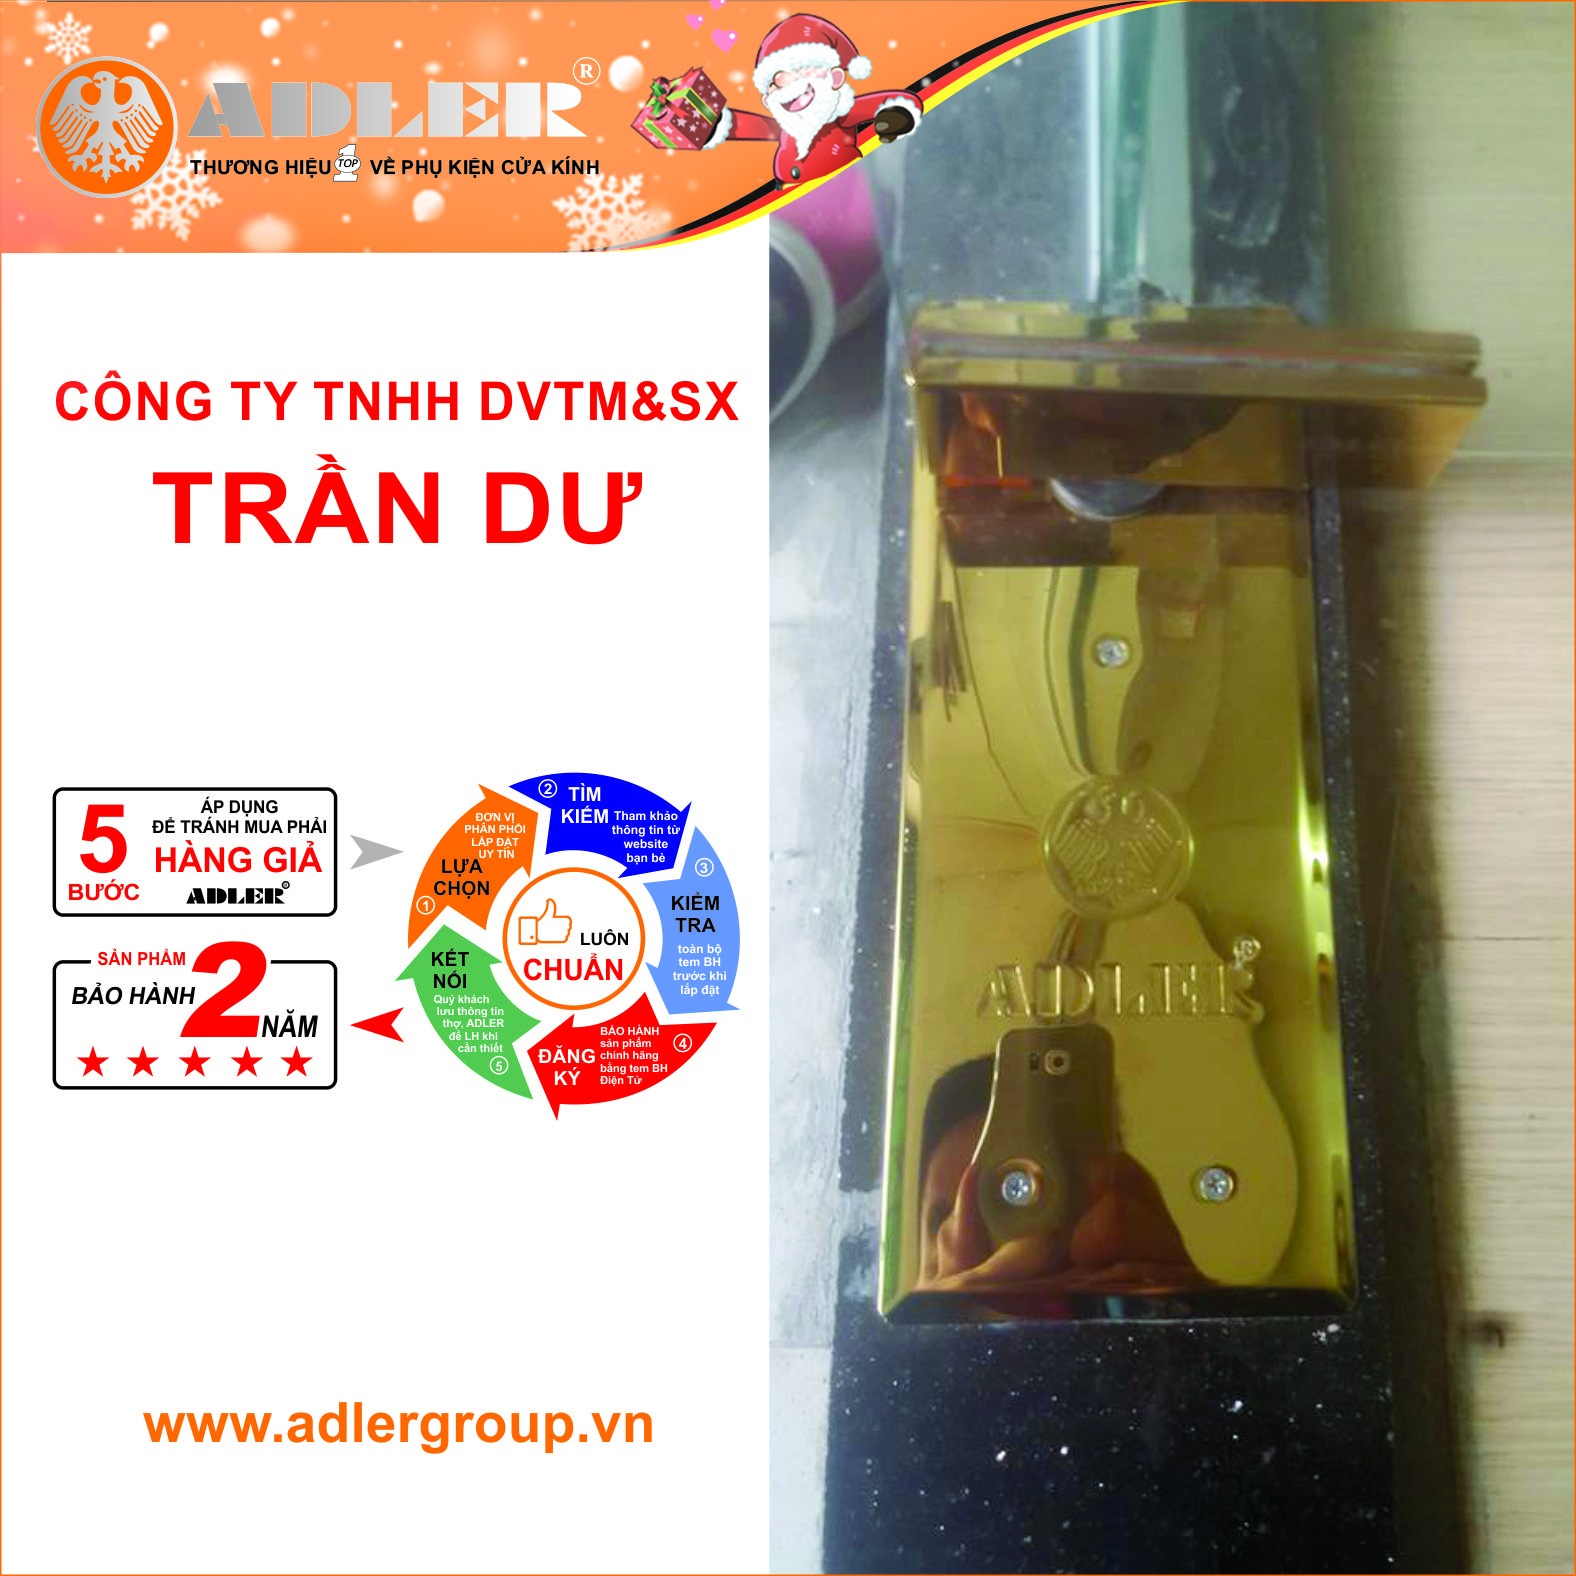 Ánh sáng vàng tỏa ra từ nắp bản lề sàn thẩm thấu Titan